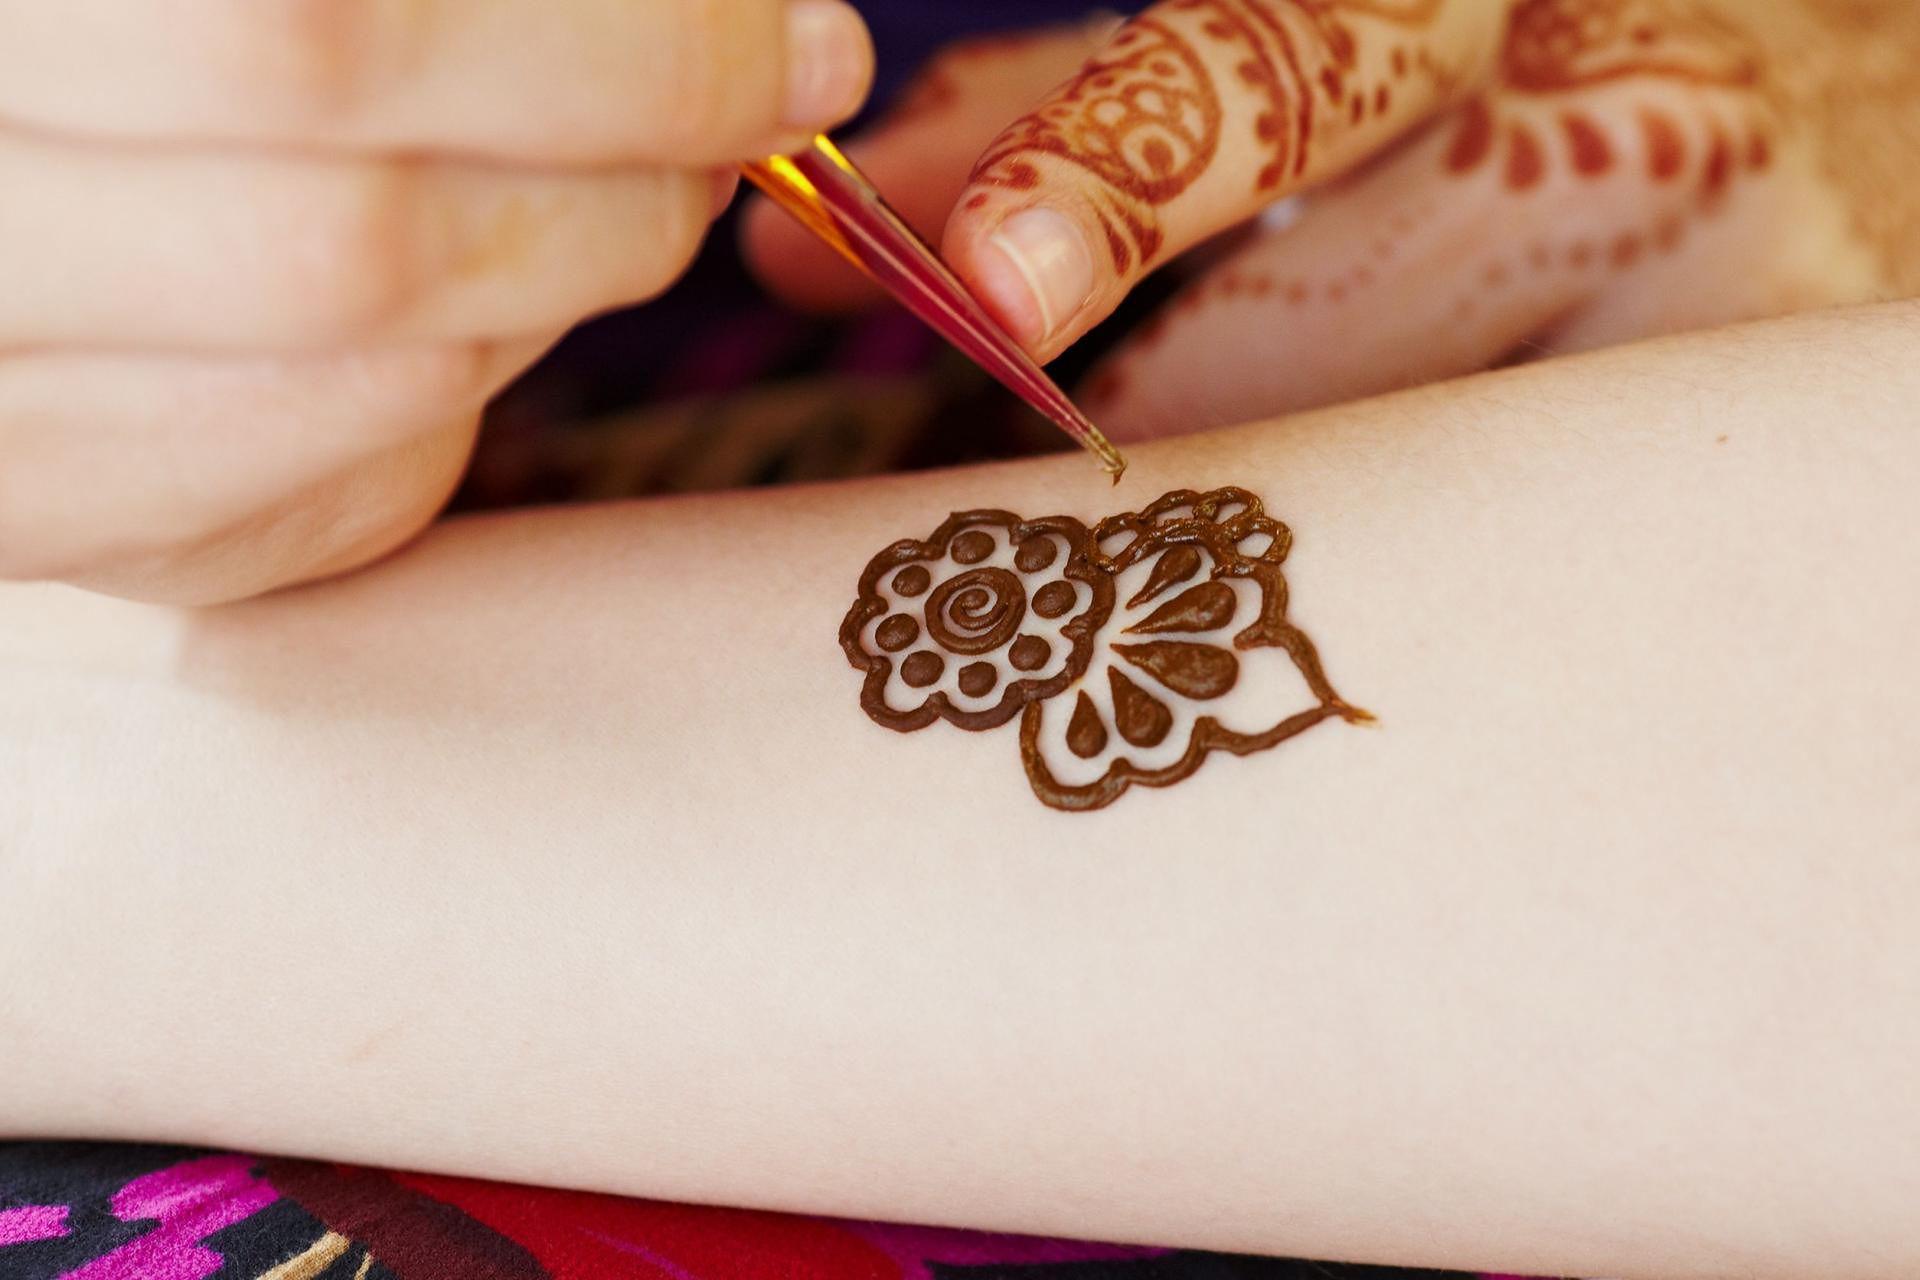 Niebezpieczne Zmywalne Tatuaże Z Czarnej Henny Wp Parenting